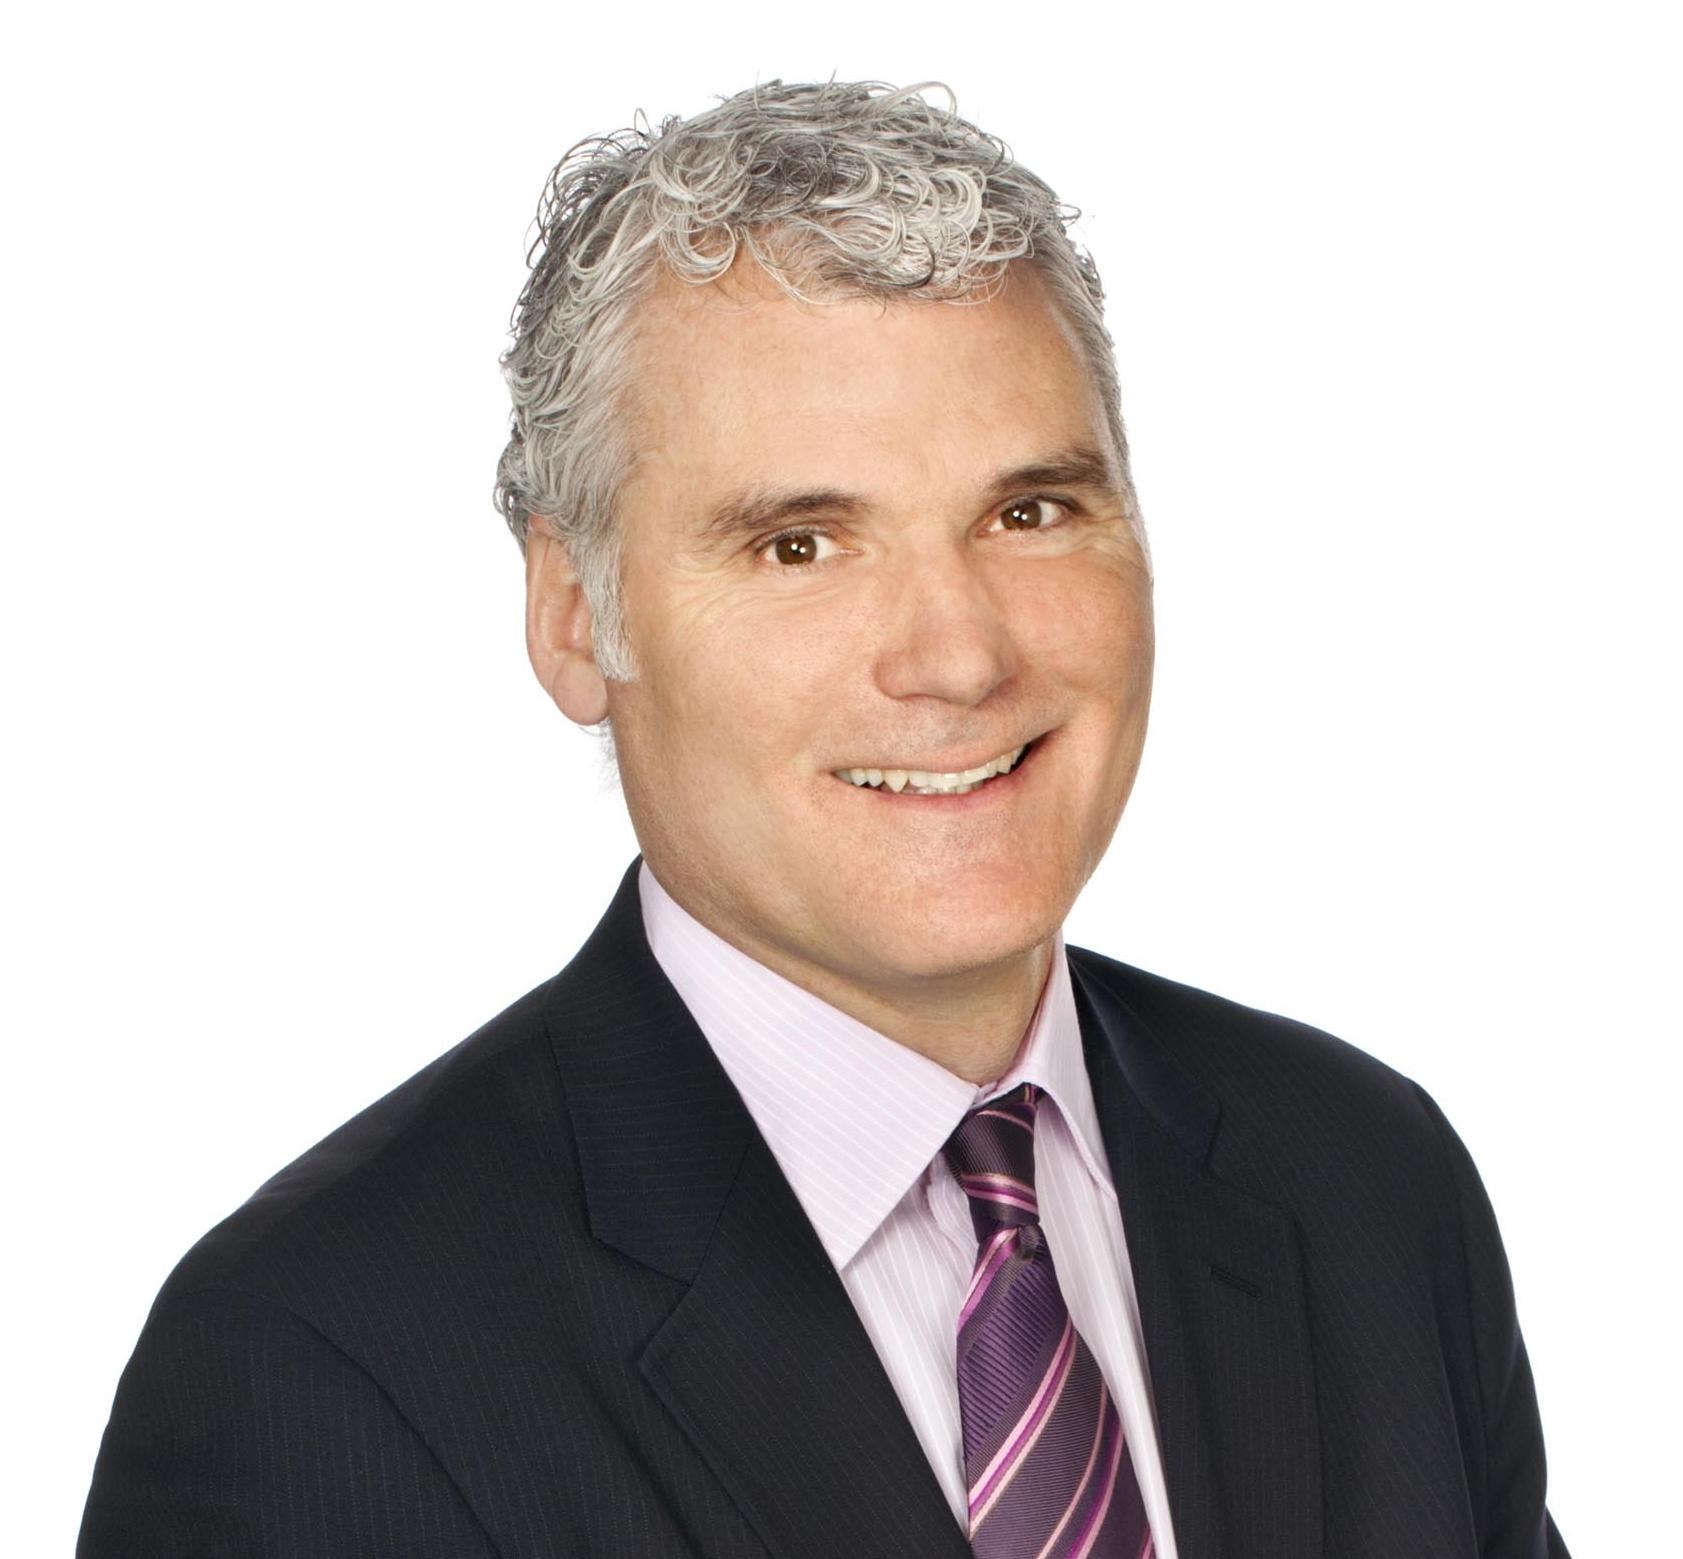 Tim Guernsey, BSc., CIP